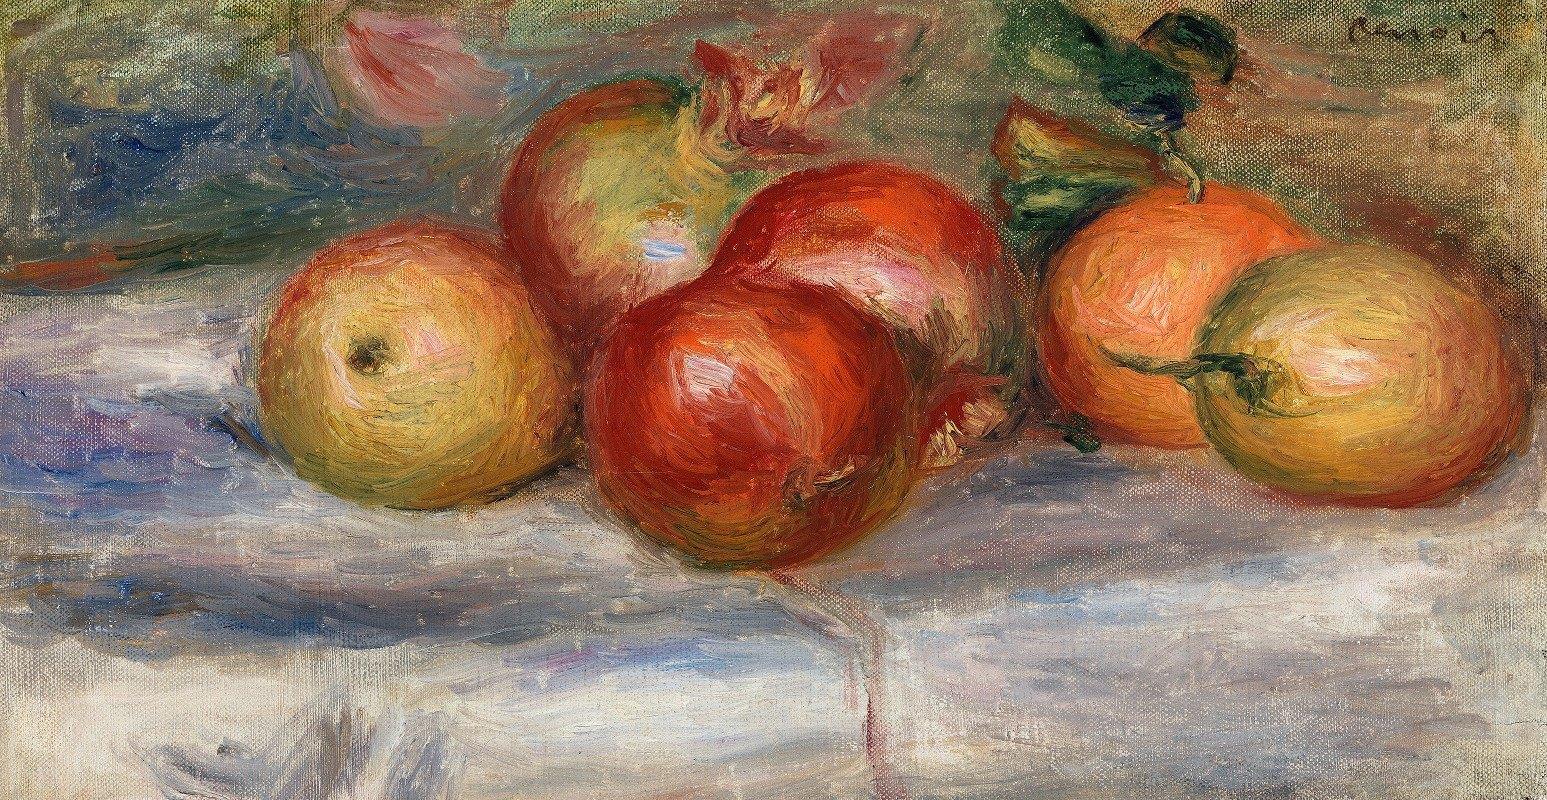 Pierre-Auguste Renoir - Apples, Orange, and Lemon (Pommes, oranges et citrons)